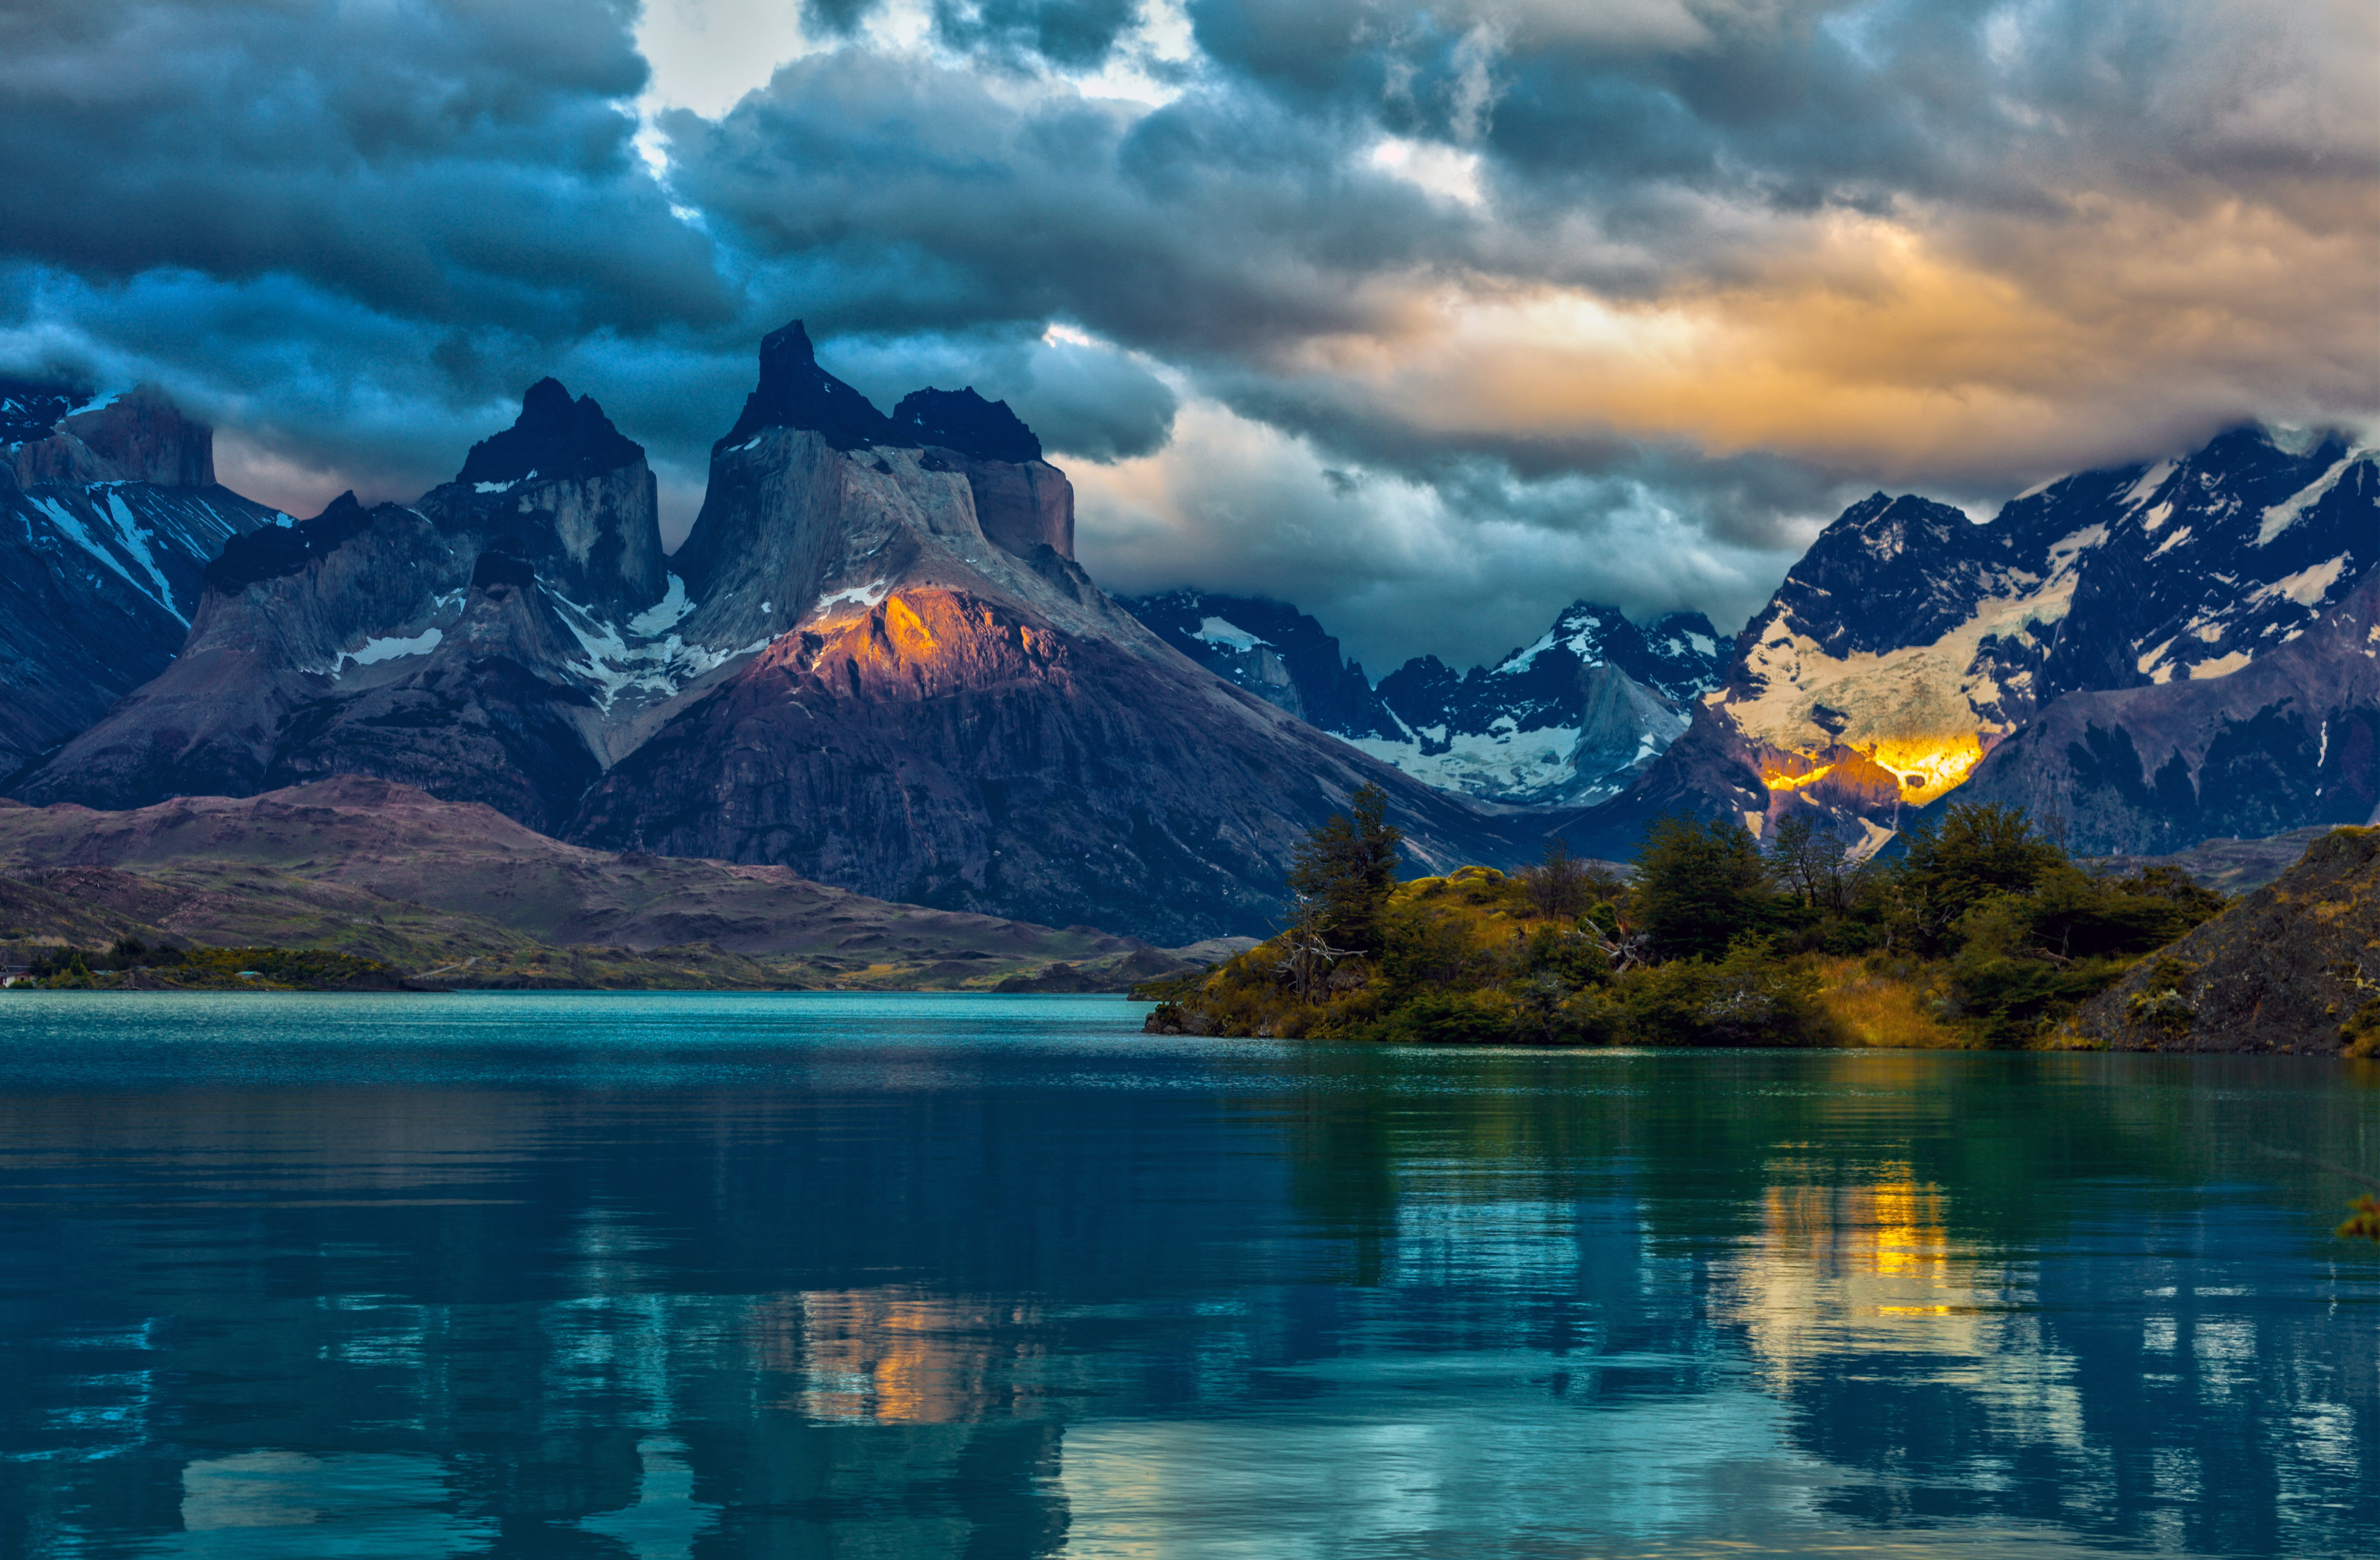 Горный пейзаж в аргентинских горах, фон на рабочий стол андроид, 3264 на 2139 пикселей